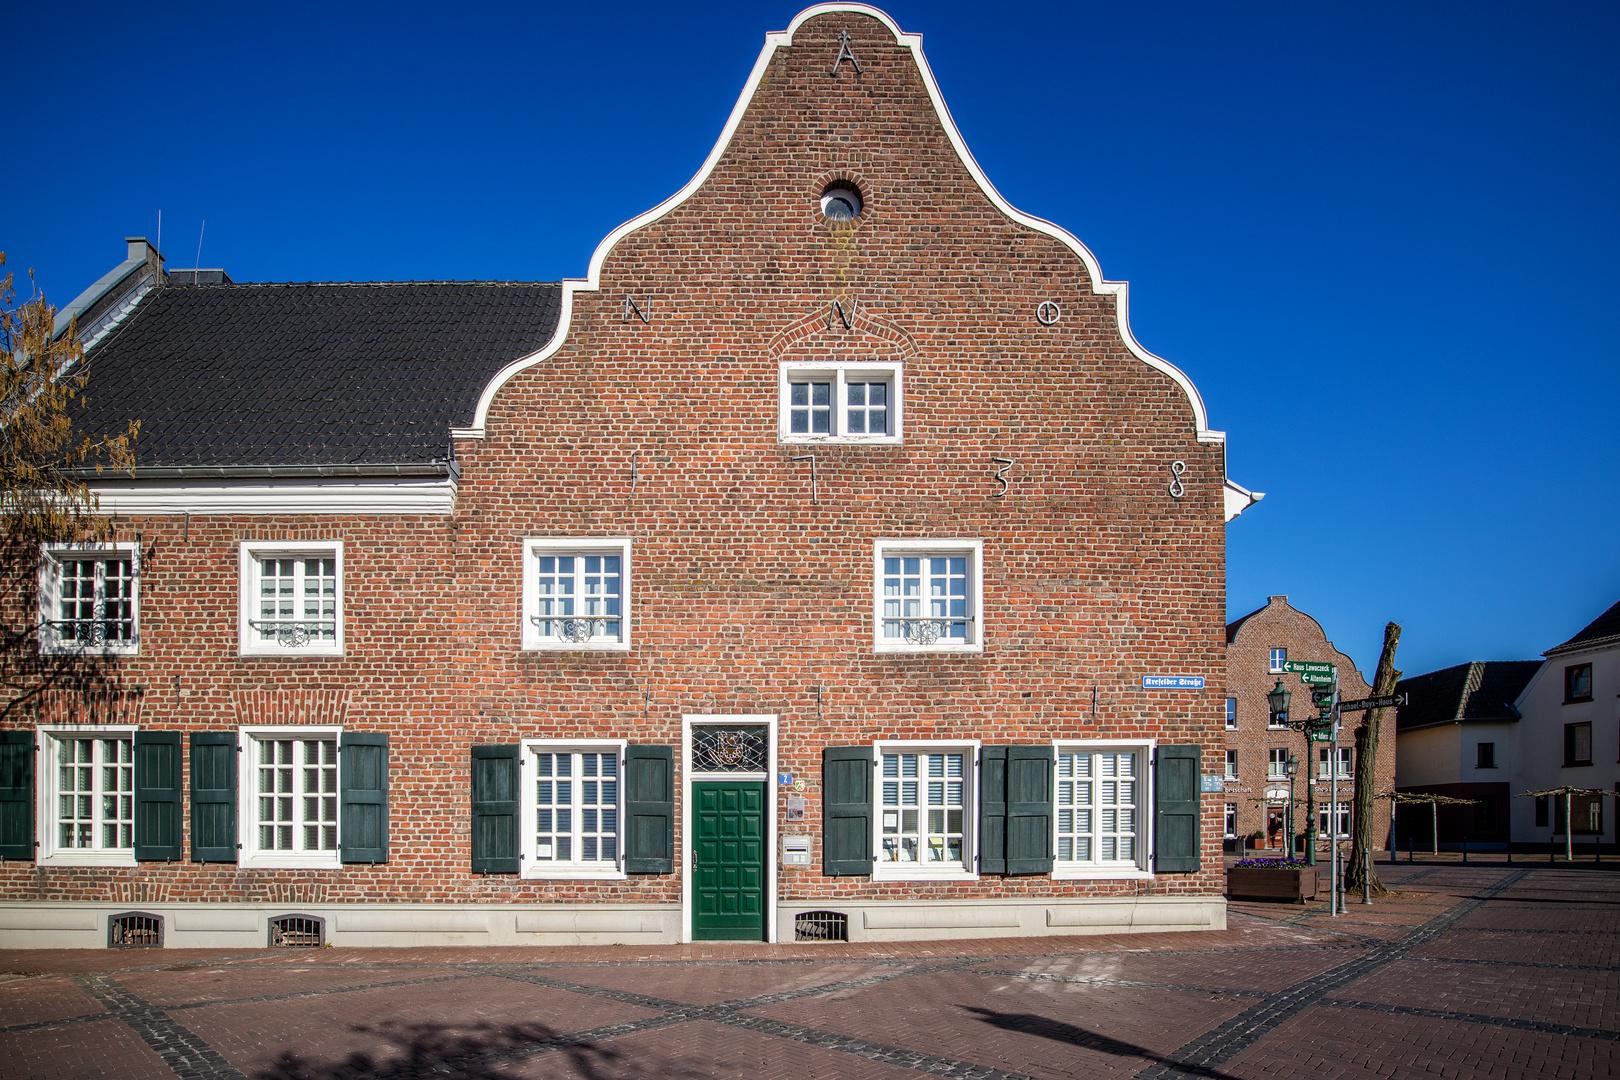 historisches Rathaus der Gemeinde Kerken-Nieukerk